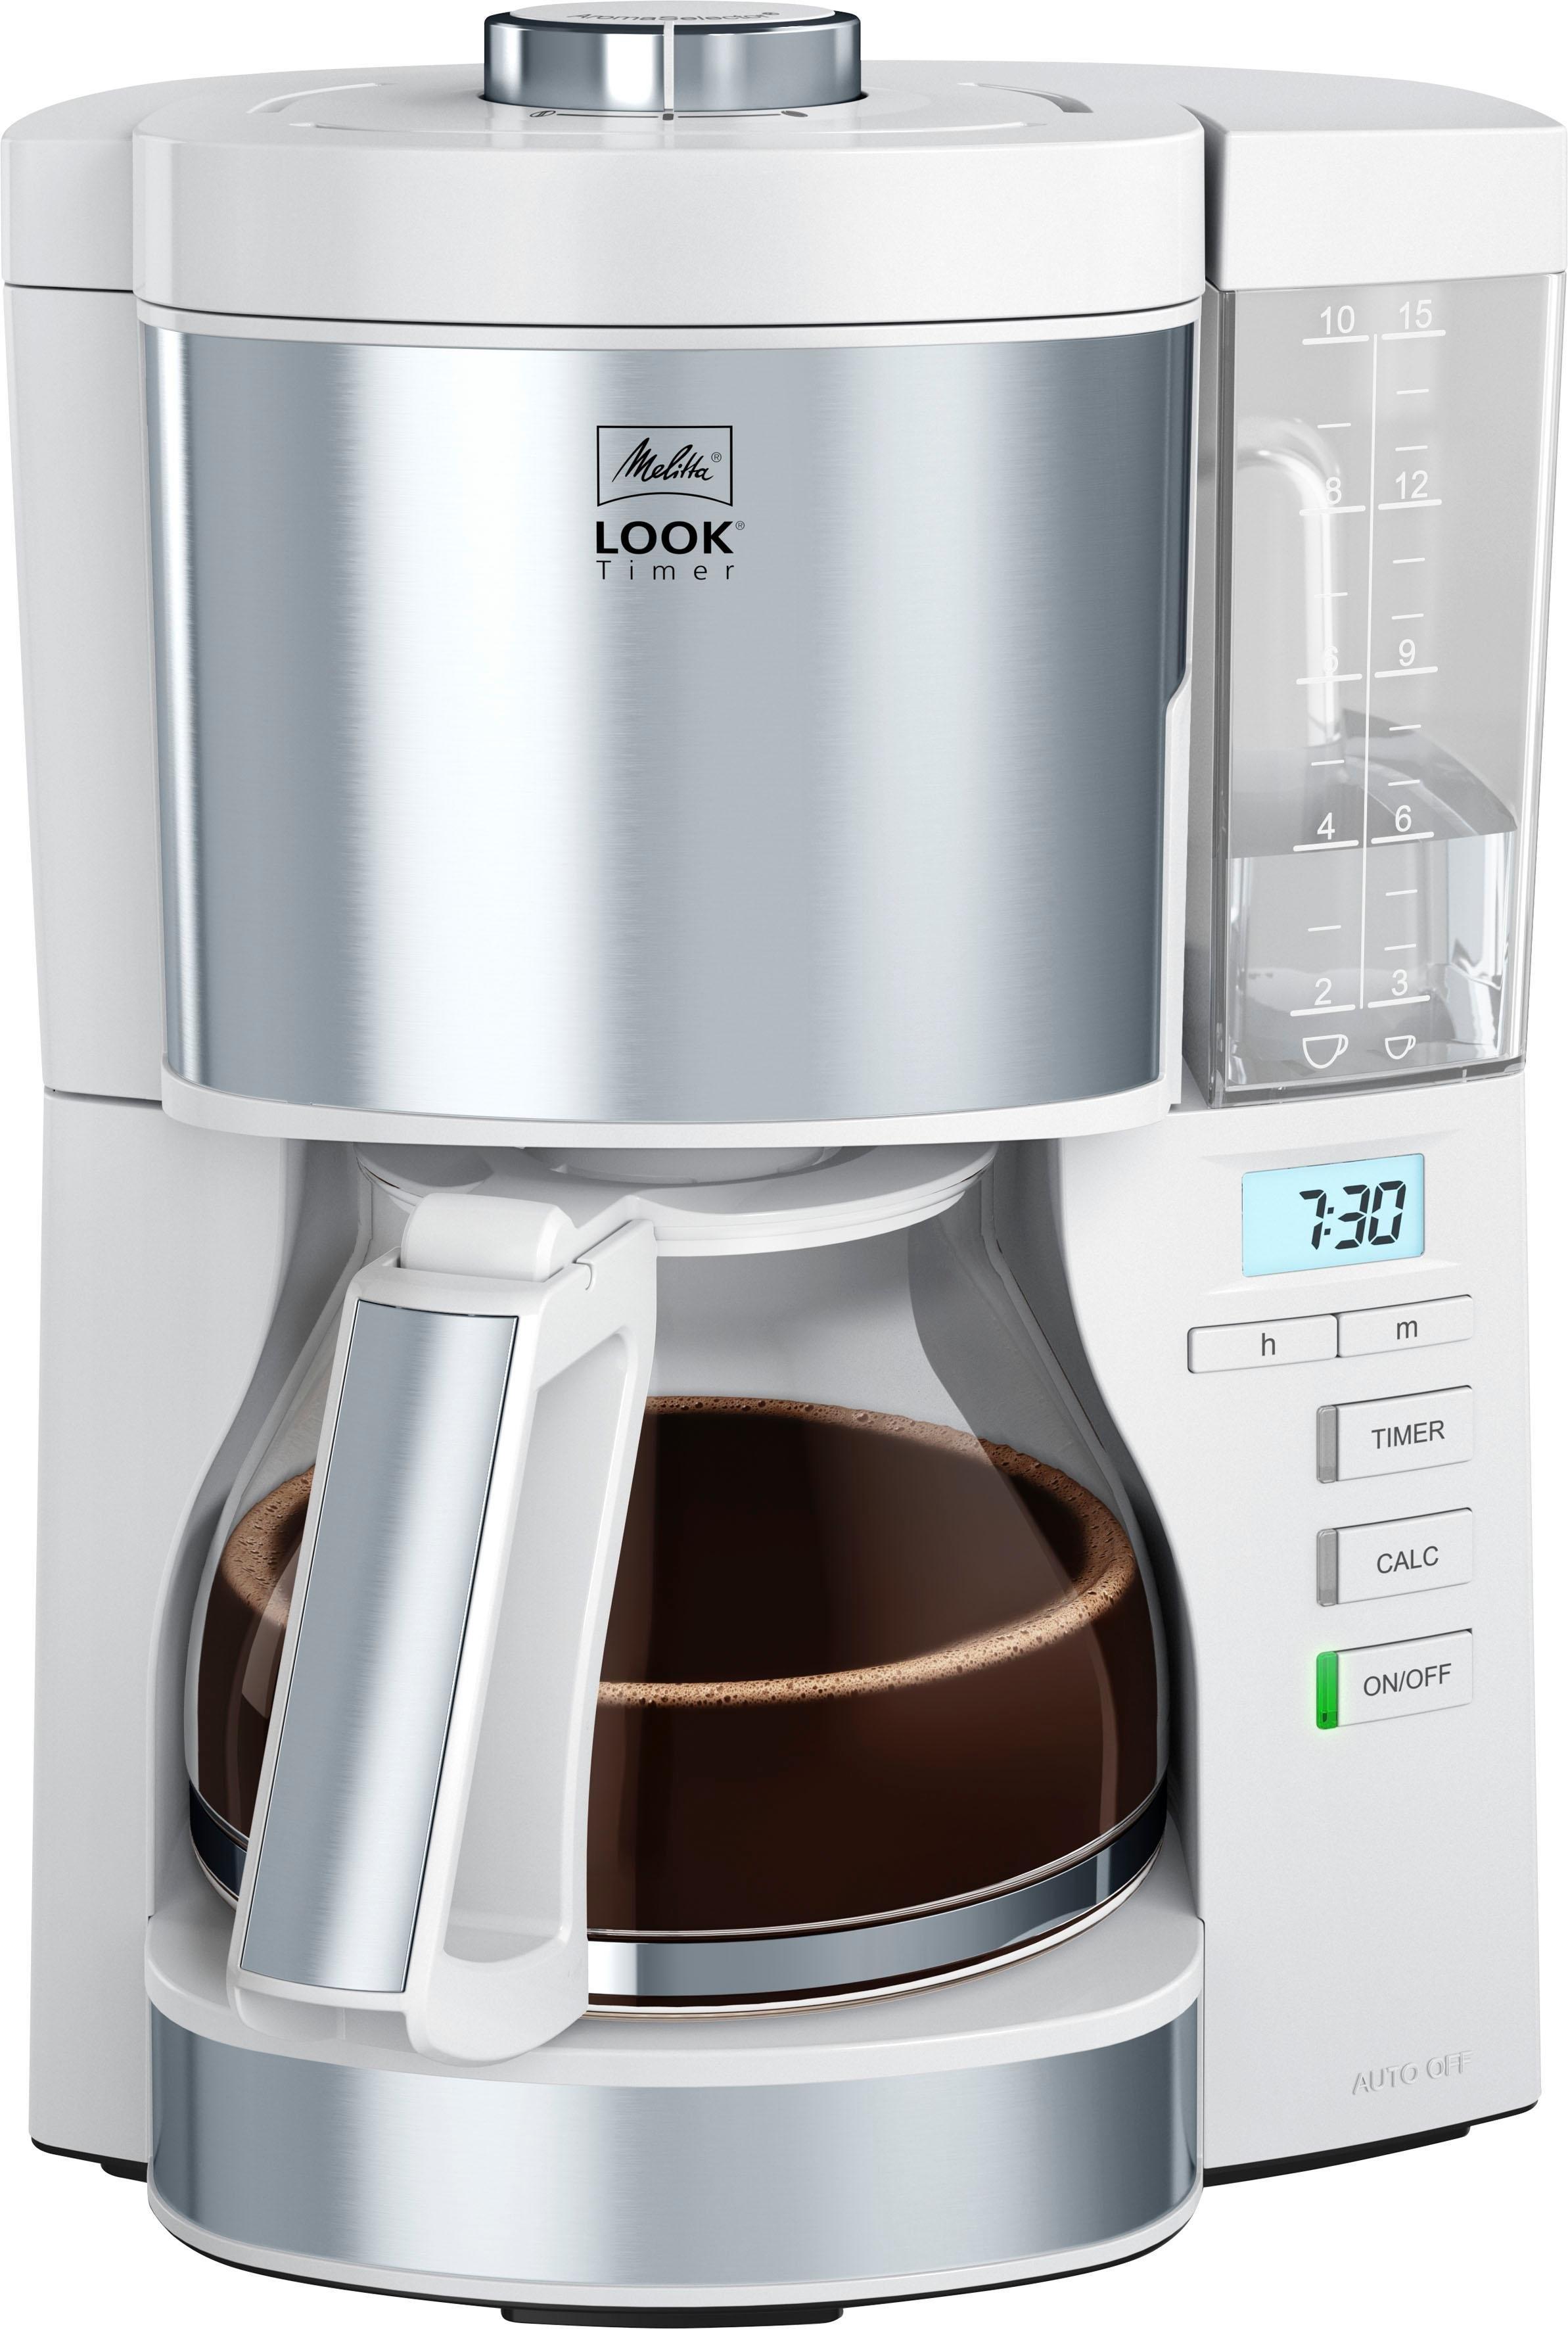 Melitta filterkoffieapparaat Look V Timer 1025-07 wit, 1,25 l in de webshop van OTTO kopen